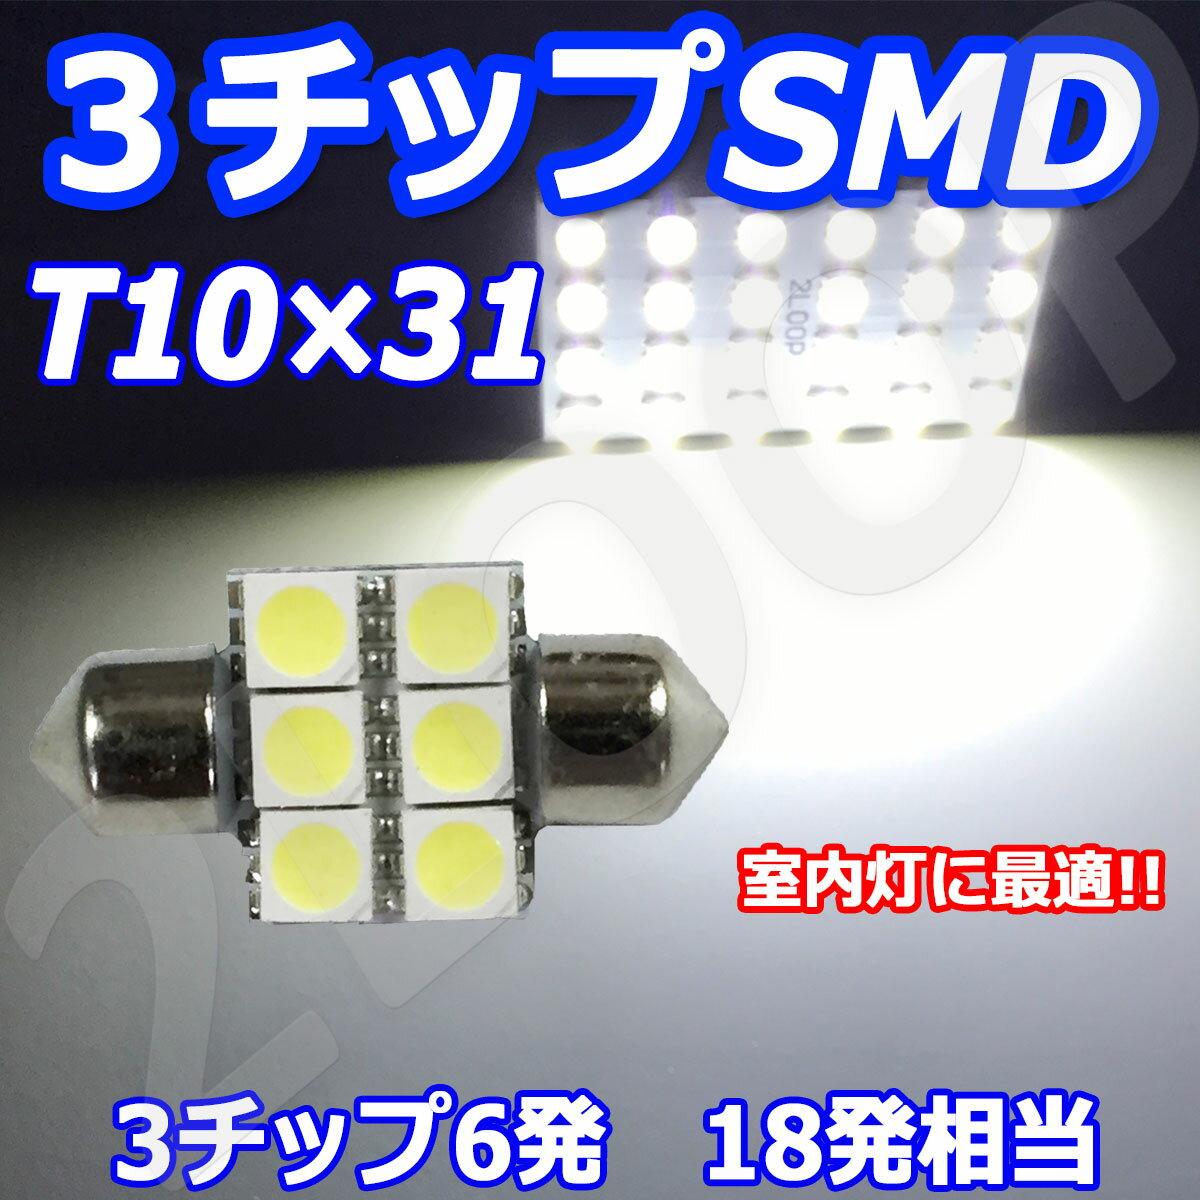 T10×31 LED 3chipSMD 6連 ルームランプ ラゲッジ 純白光 2LOOP(ツーループ) 【配送B送料無料※代引きは送料加算】